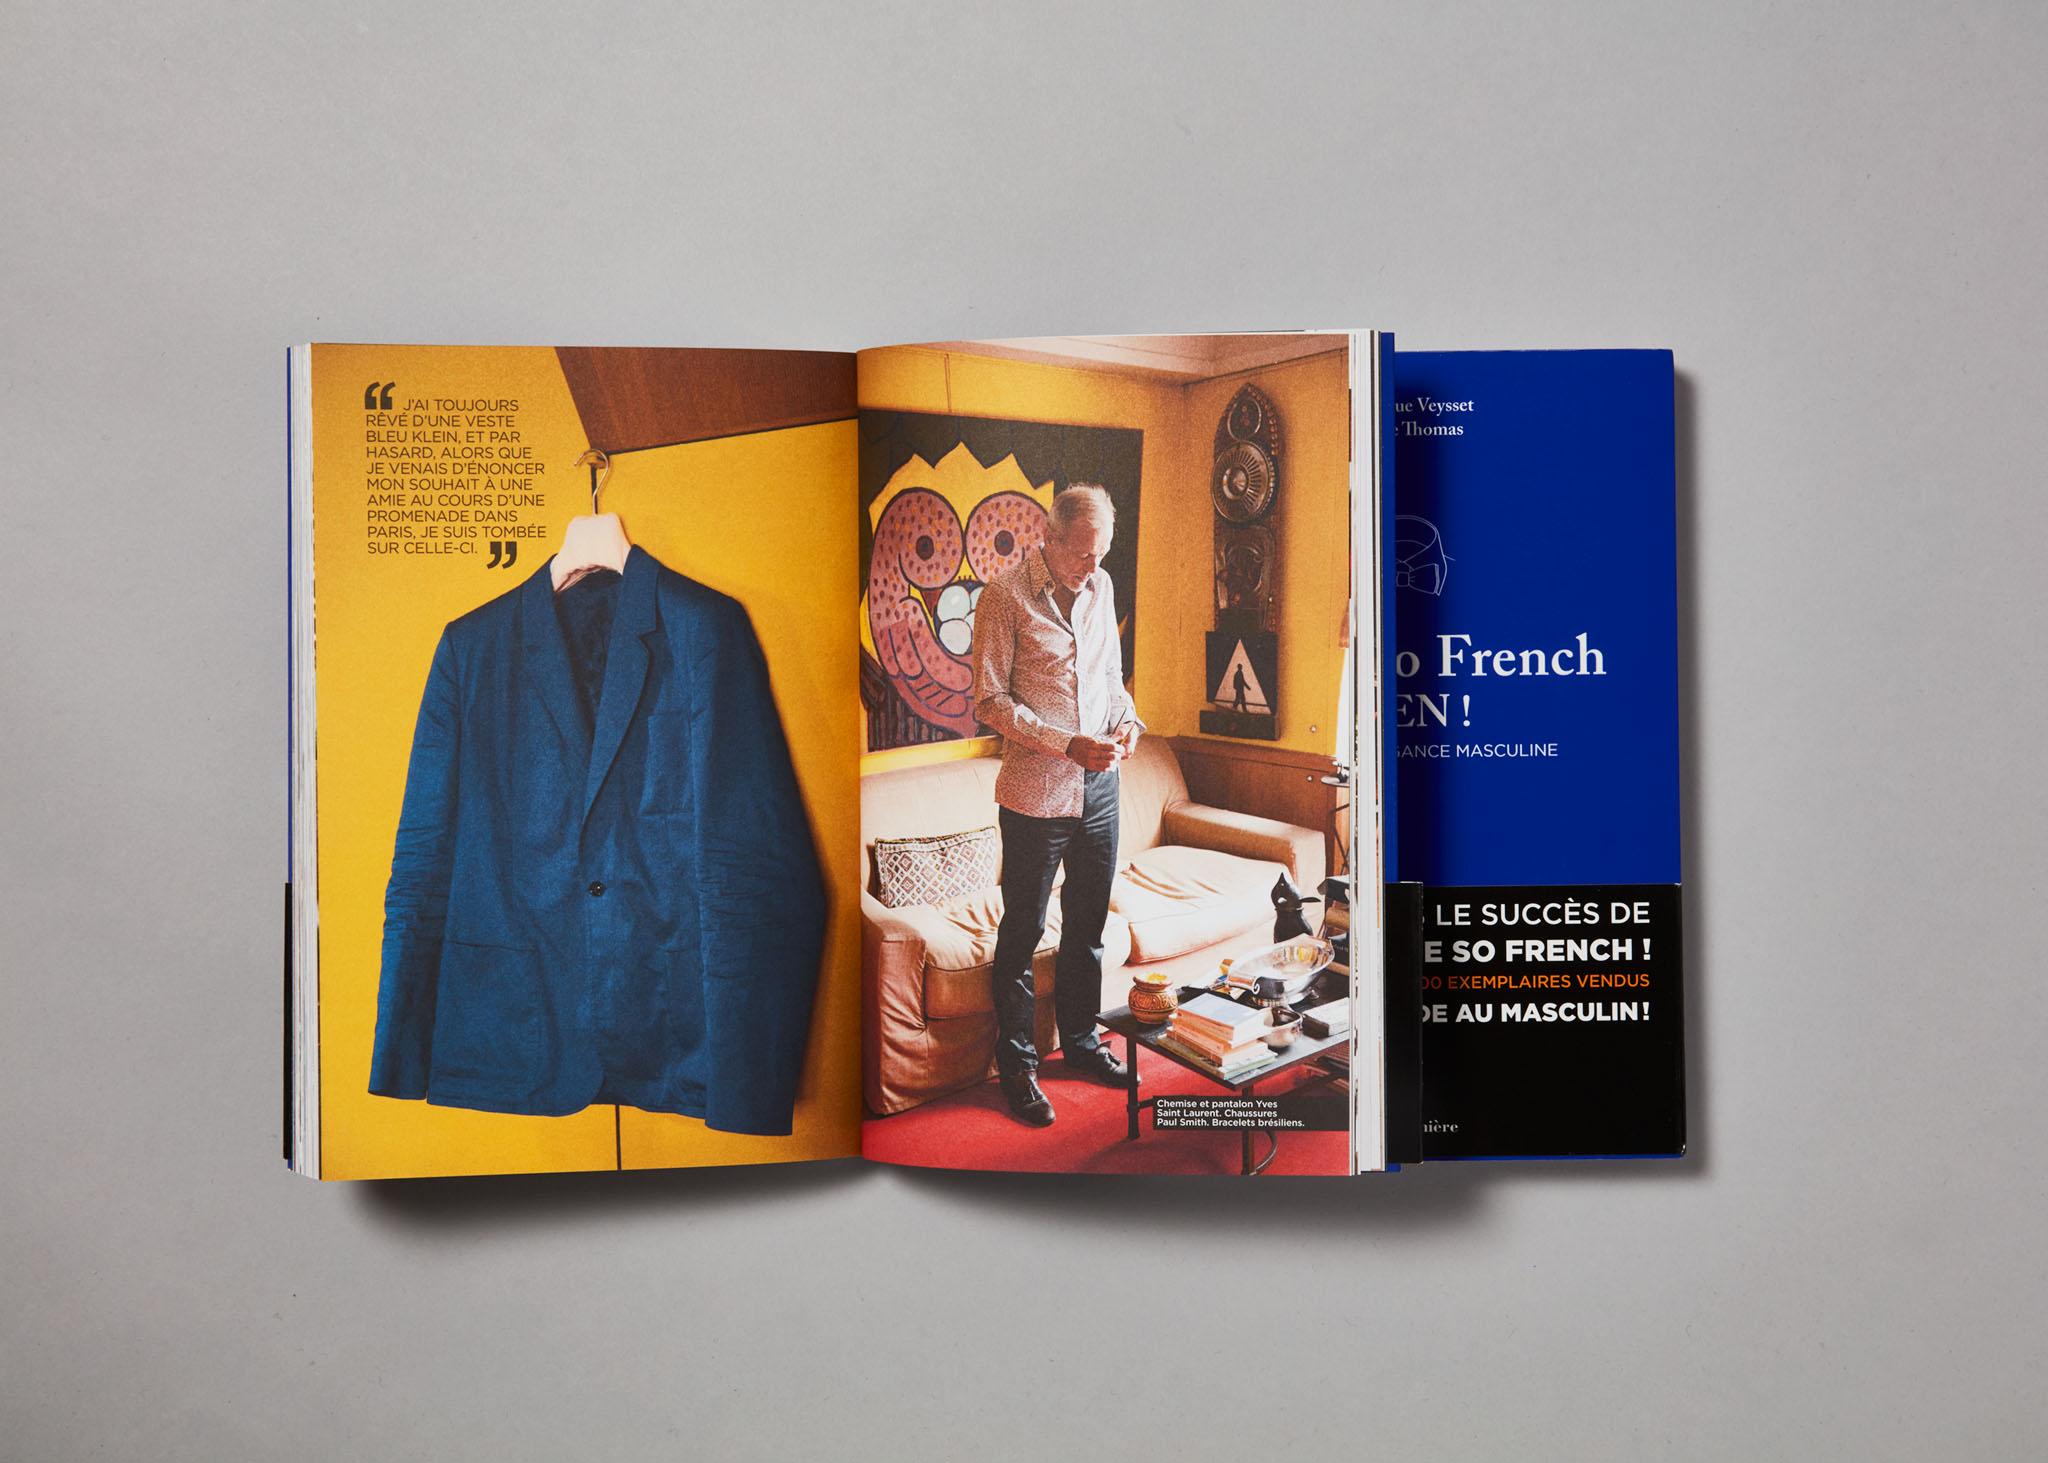 You're so French MEN! Livre Editions de La Martinière Frédérique Veyset